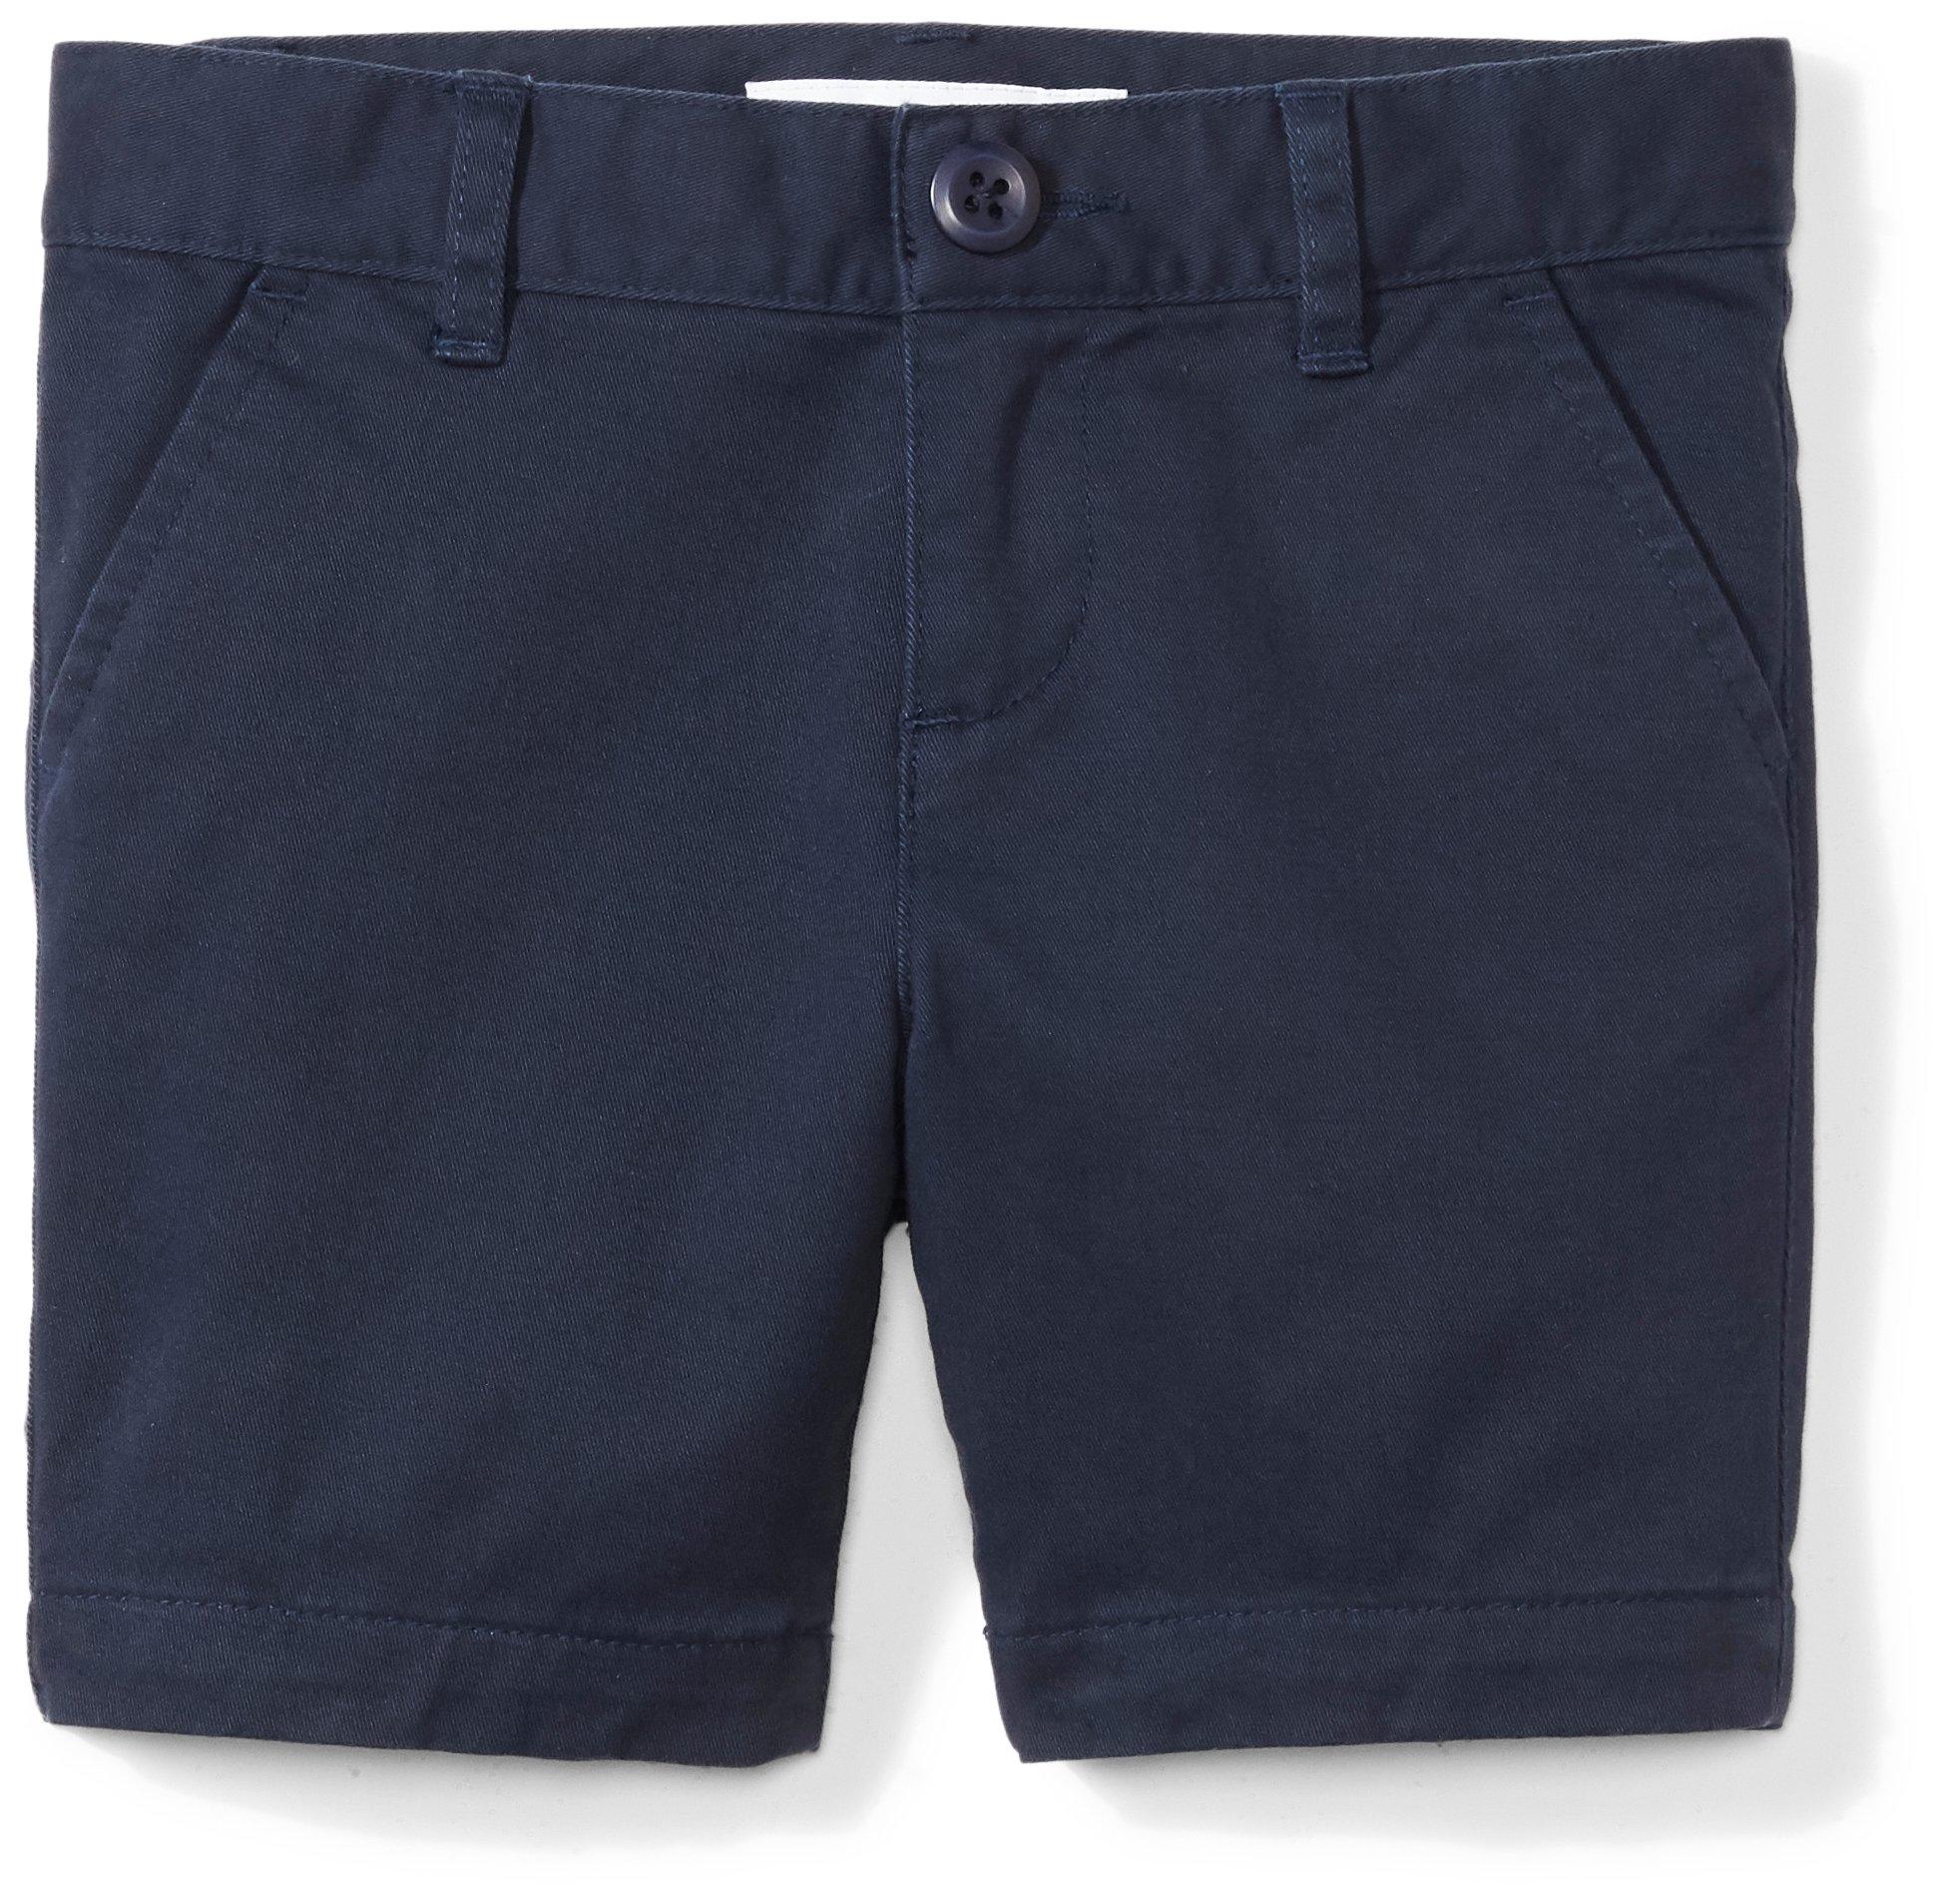 Amazon Essentials Girls' Uniform Short, Navy Blazer,14